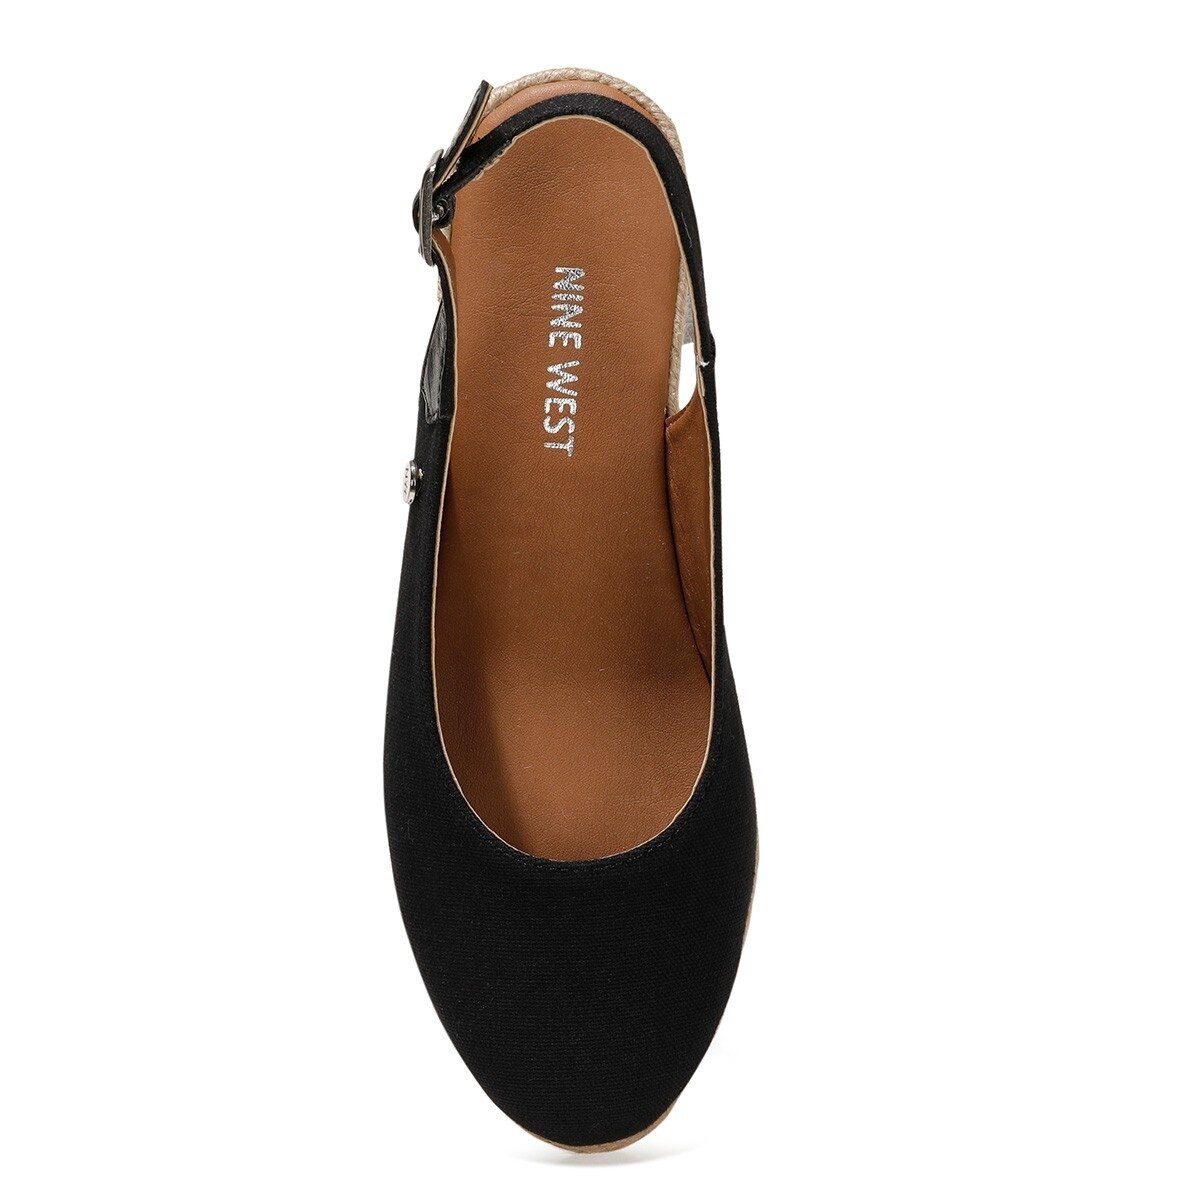 MERWILLA 1FX Siyah Kadın Dolgu Topuk Sandalet